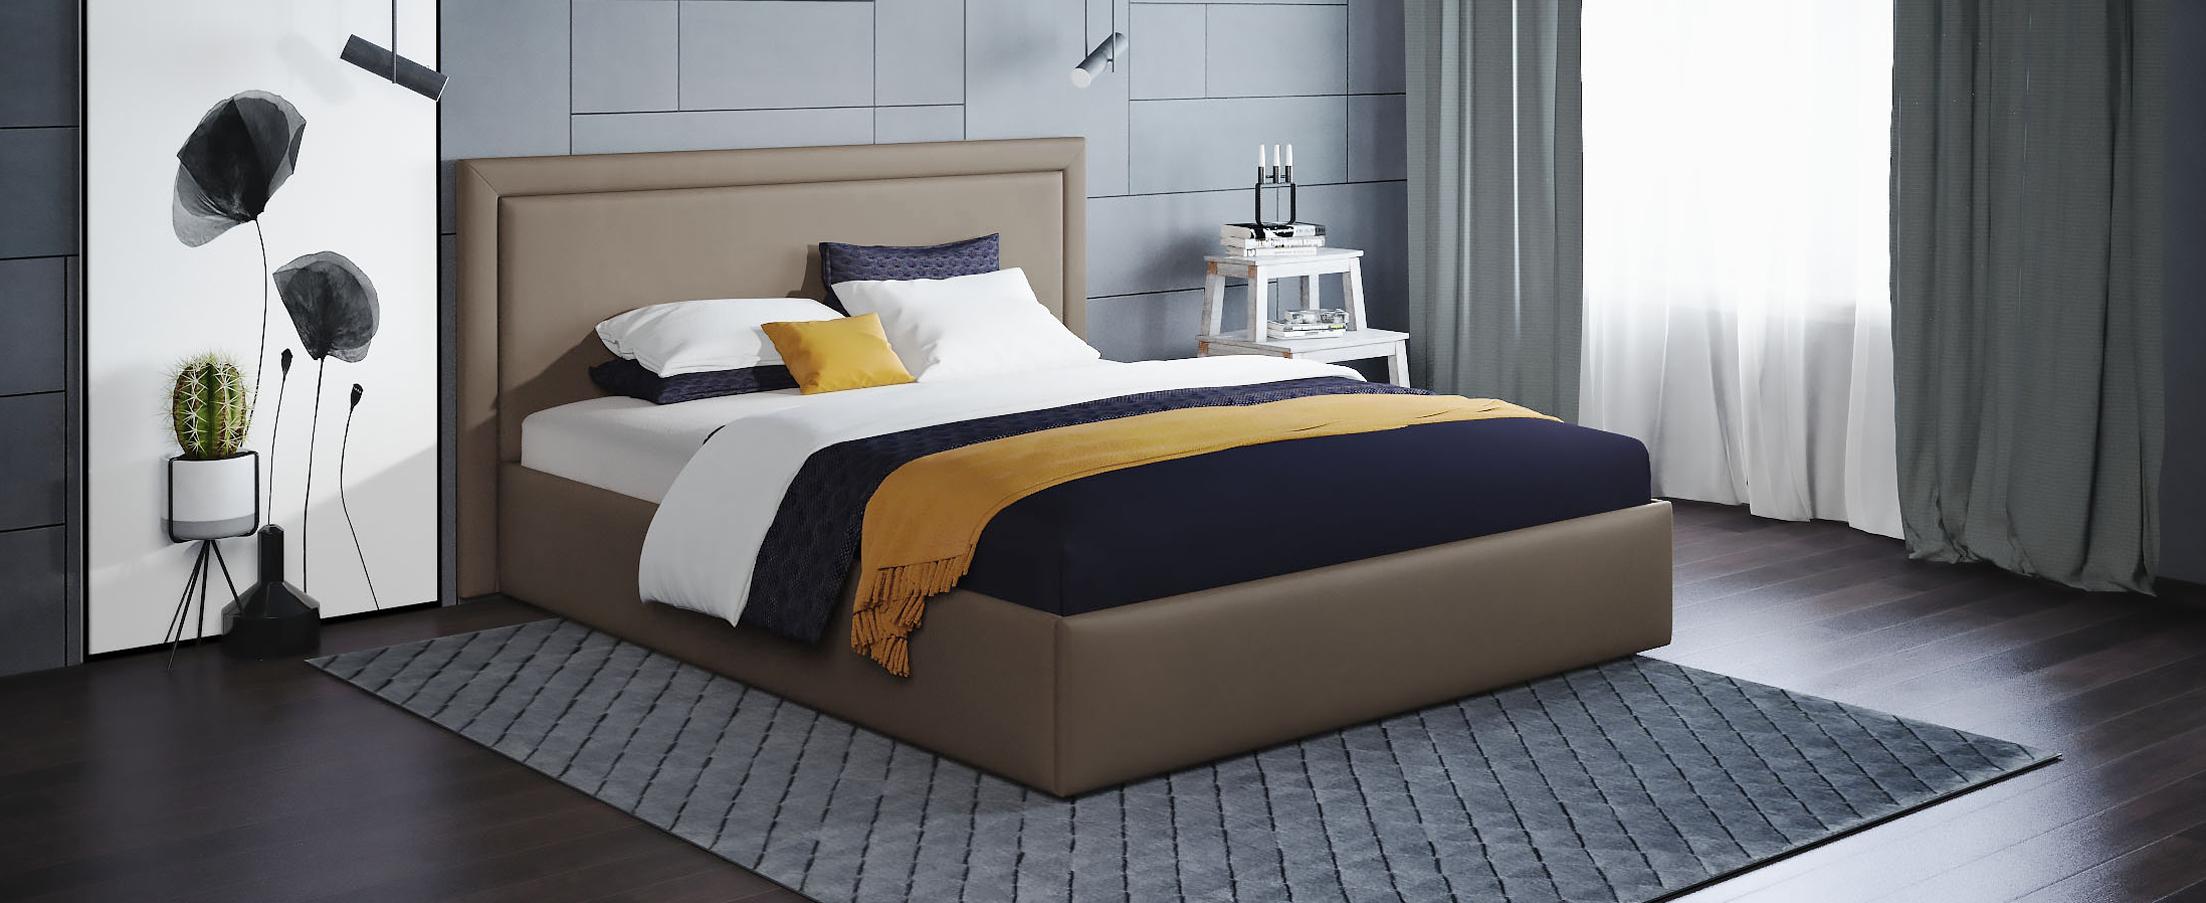 Кровать двуспальная Паола 160х200 Модель 1201Прямоугольная форма изголовья кровати Паола с мягкой рамой по краям напоминает собой картину. Простые строгие формы без лишних деталей позволяют вписать эту кровать в интерьер практически любого стилистического направления.<br>